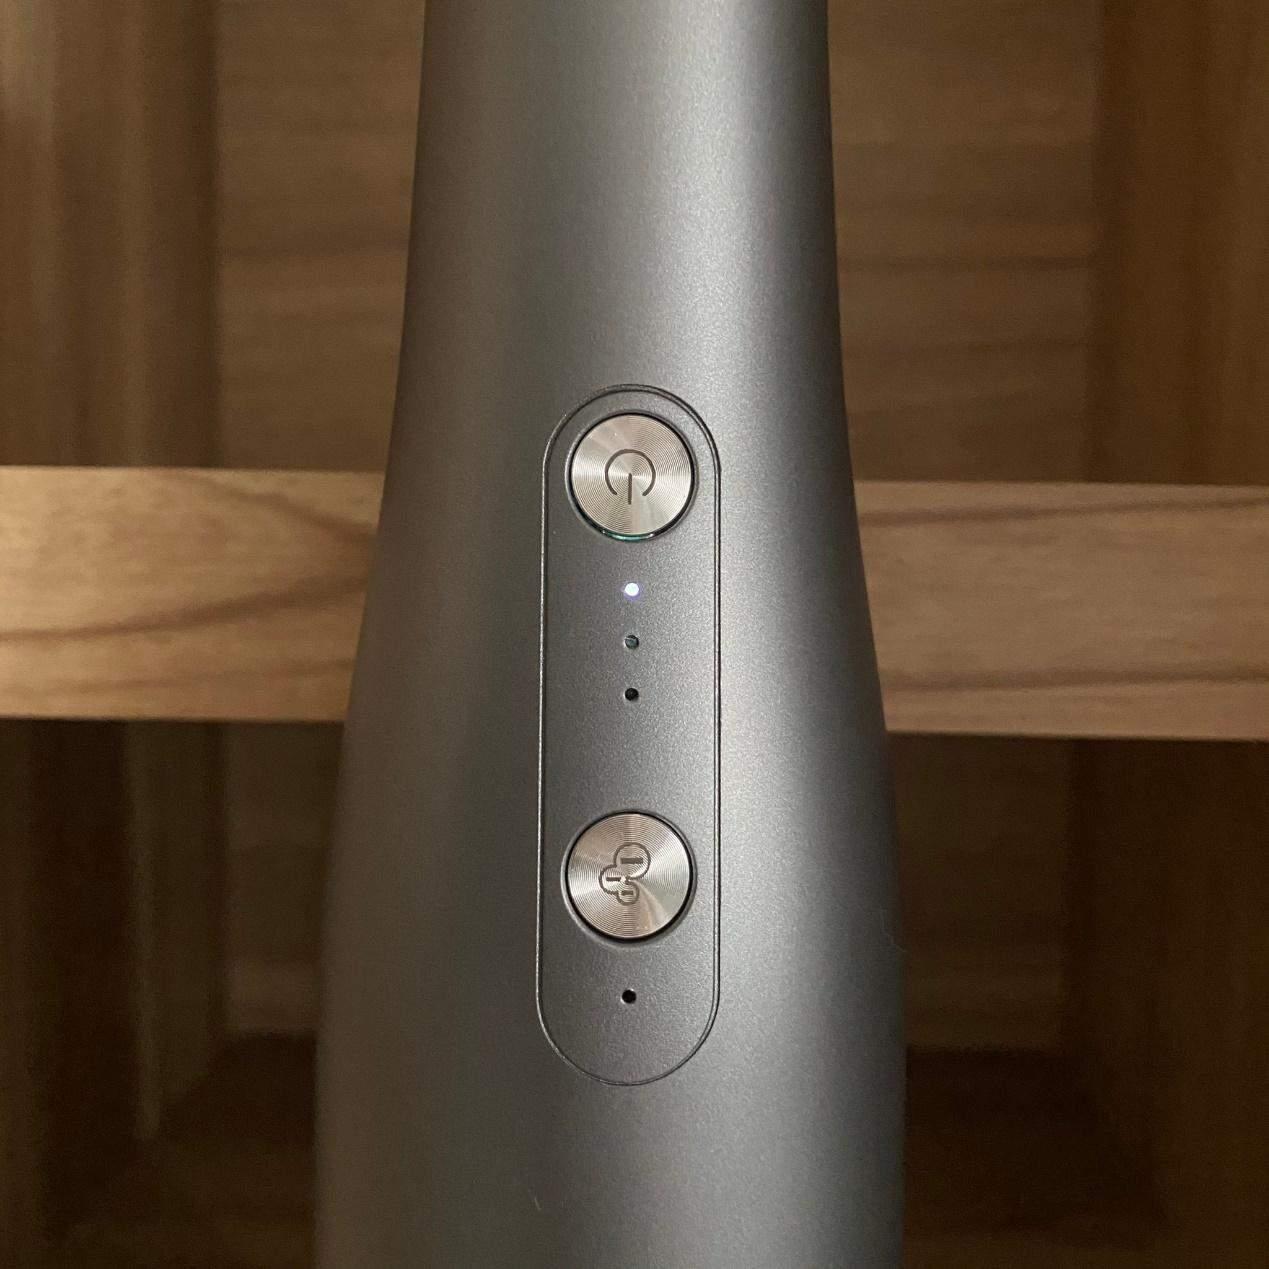 伊崎負離子吸塵器指示燈